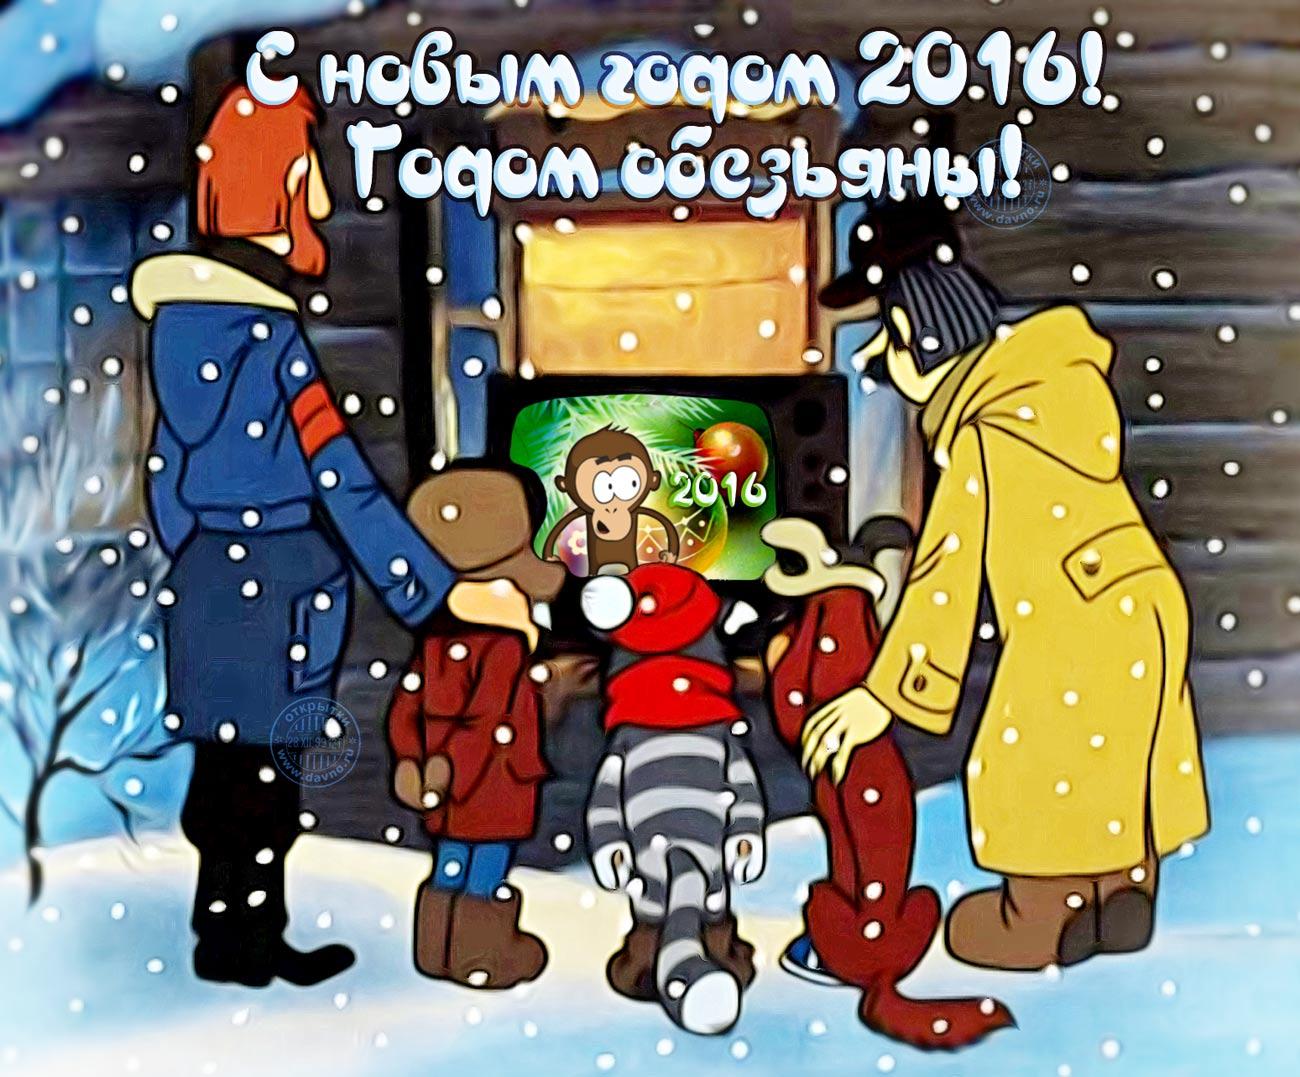 открытка с новым годом 2016 своими руками ребенку